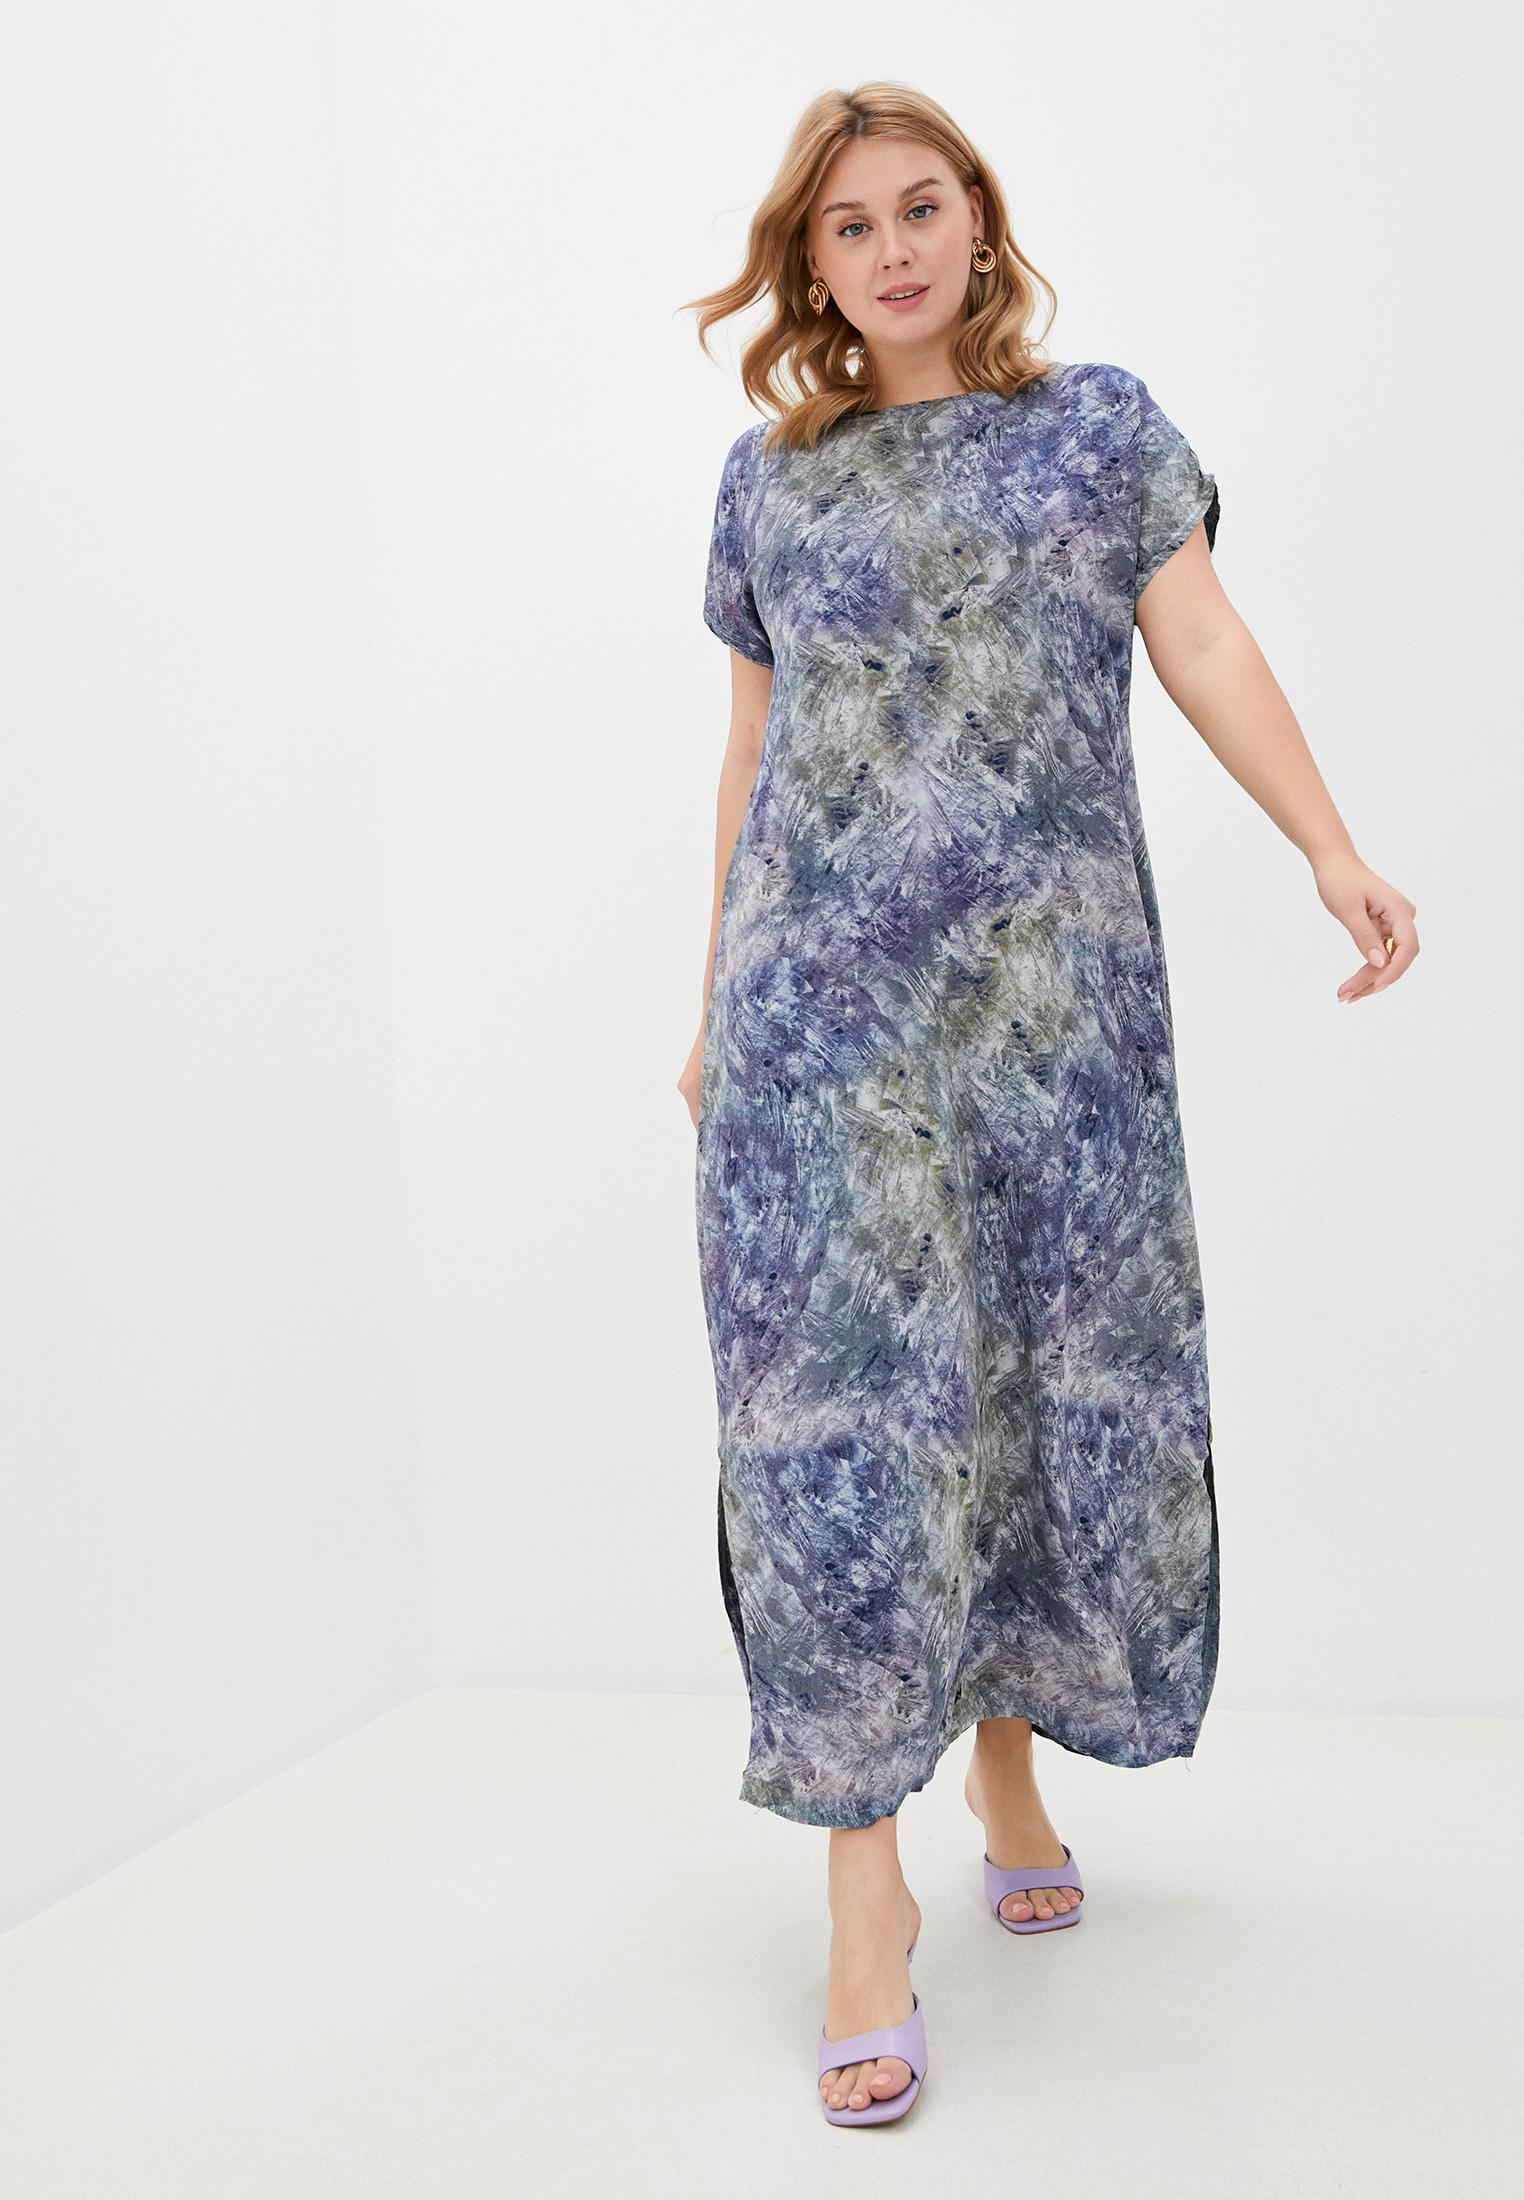 Повседневное платье Toku Tino TT8599216/